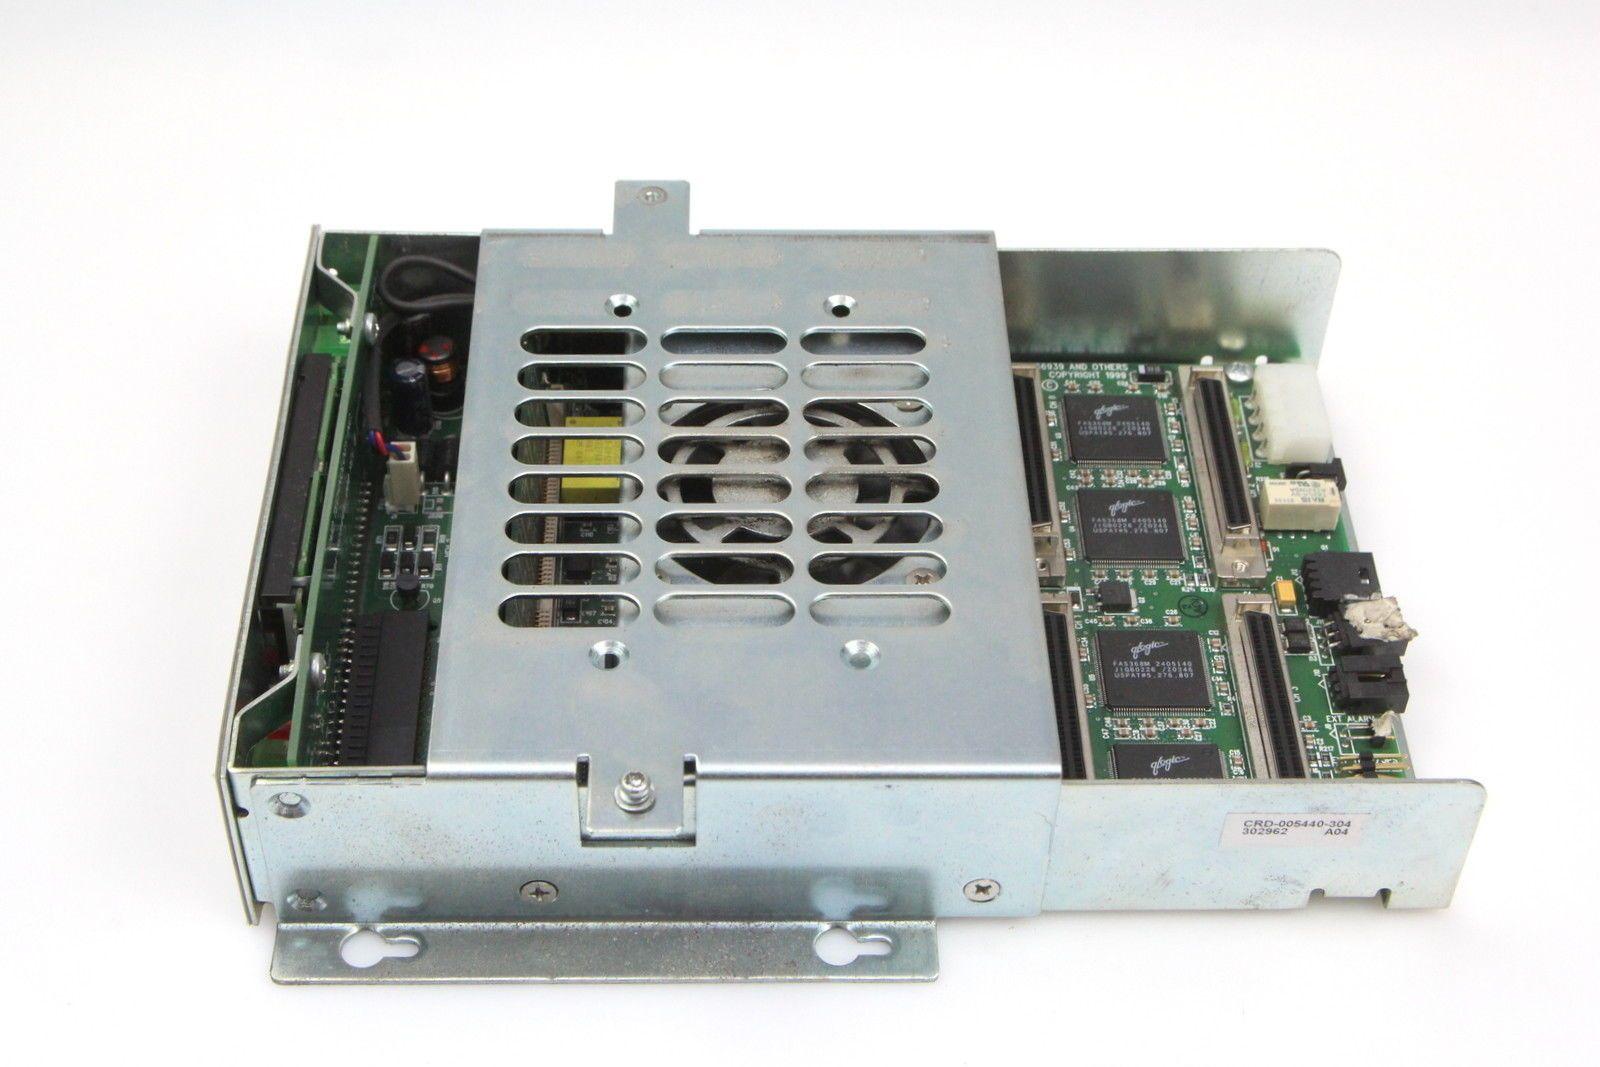 Промышленное оборудование RAID-контроллер устройства SBA-RD5540-003 CRD-005440-304